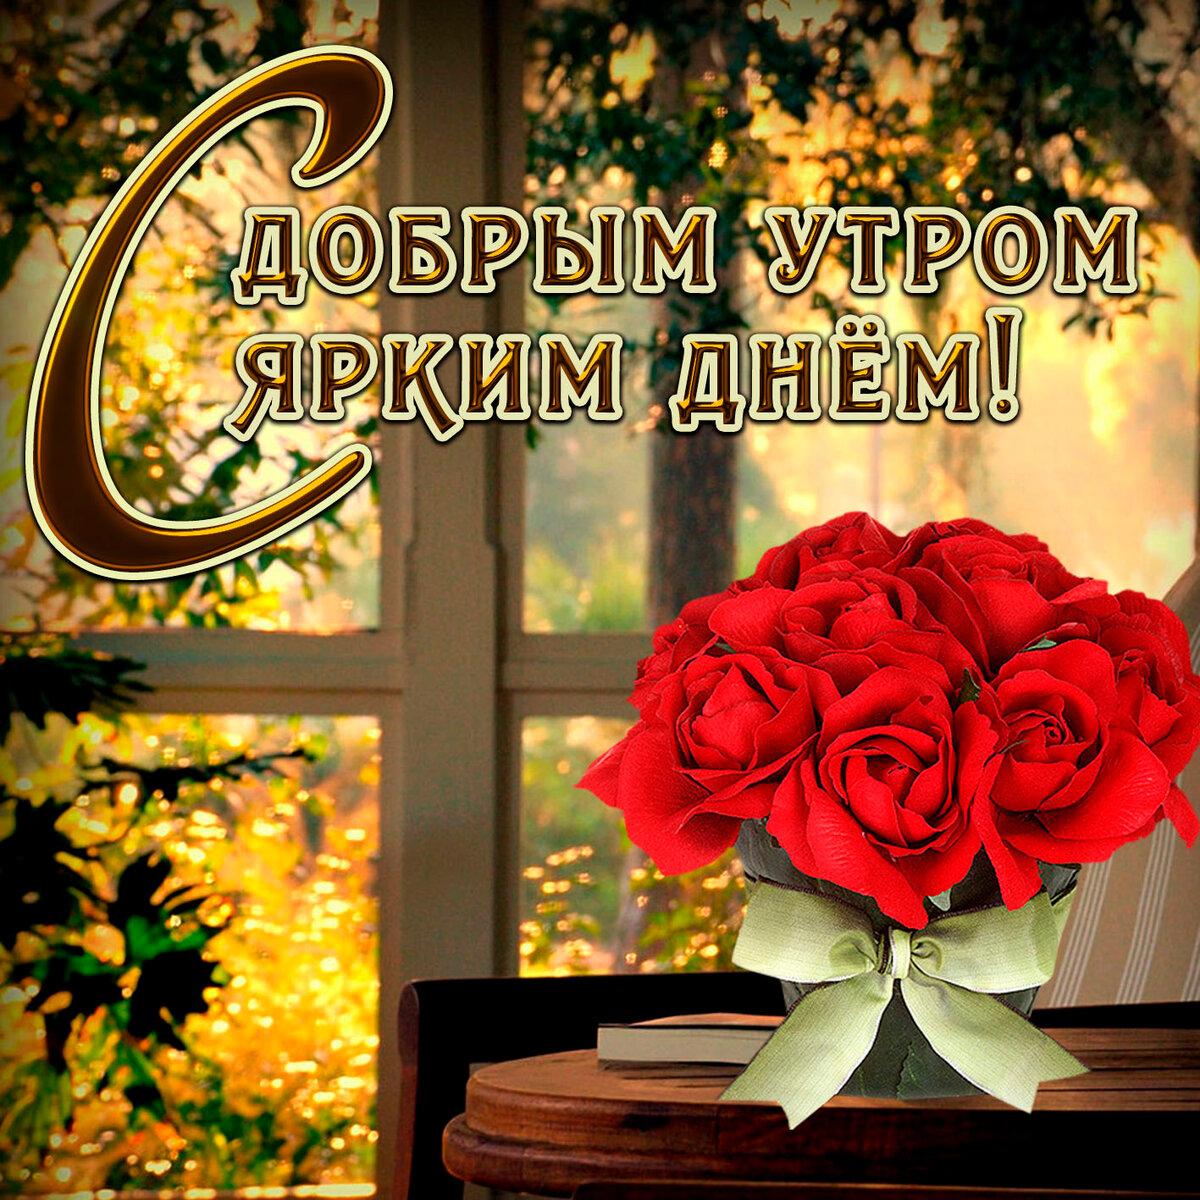 Февраля, картинки с цветами с добрым утром хорошего дня пожелания